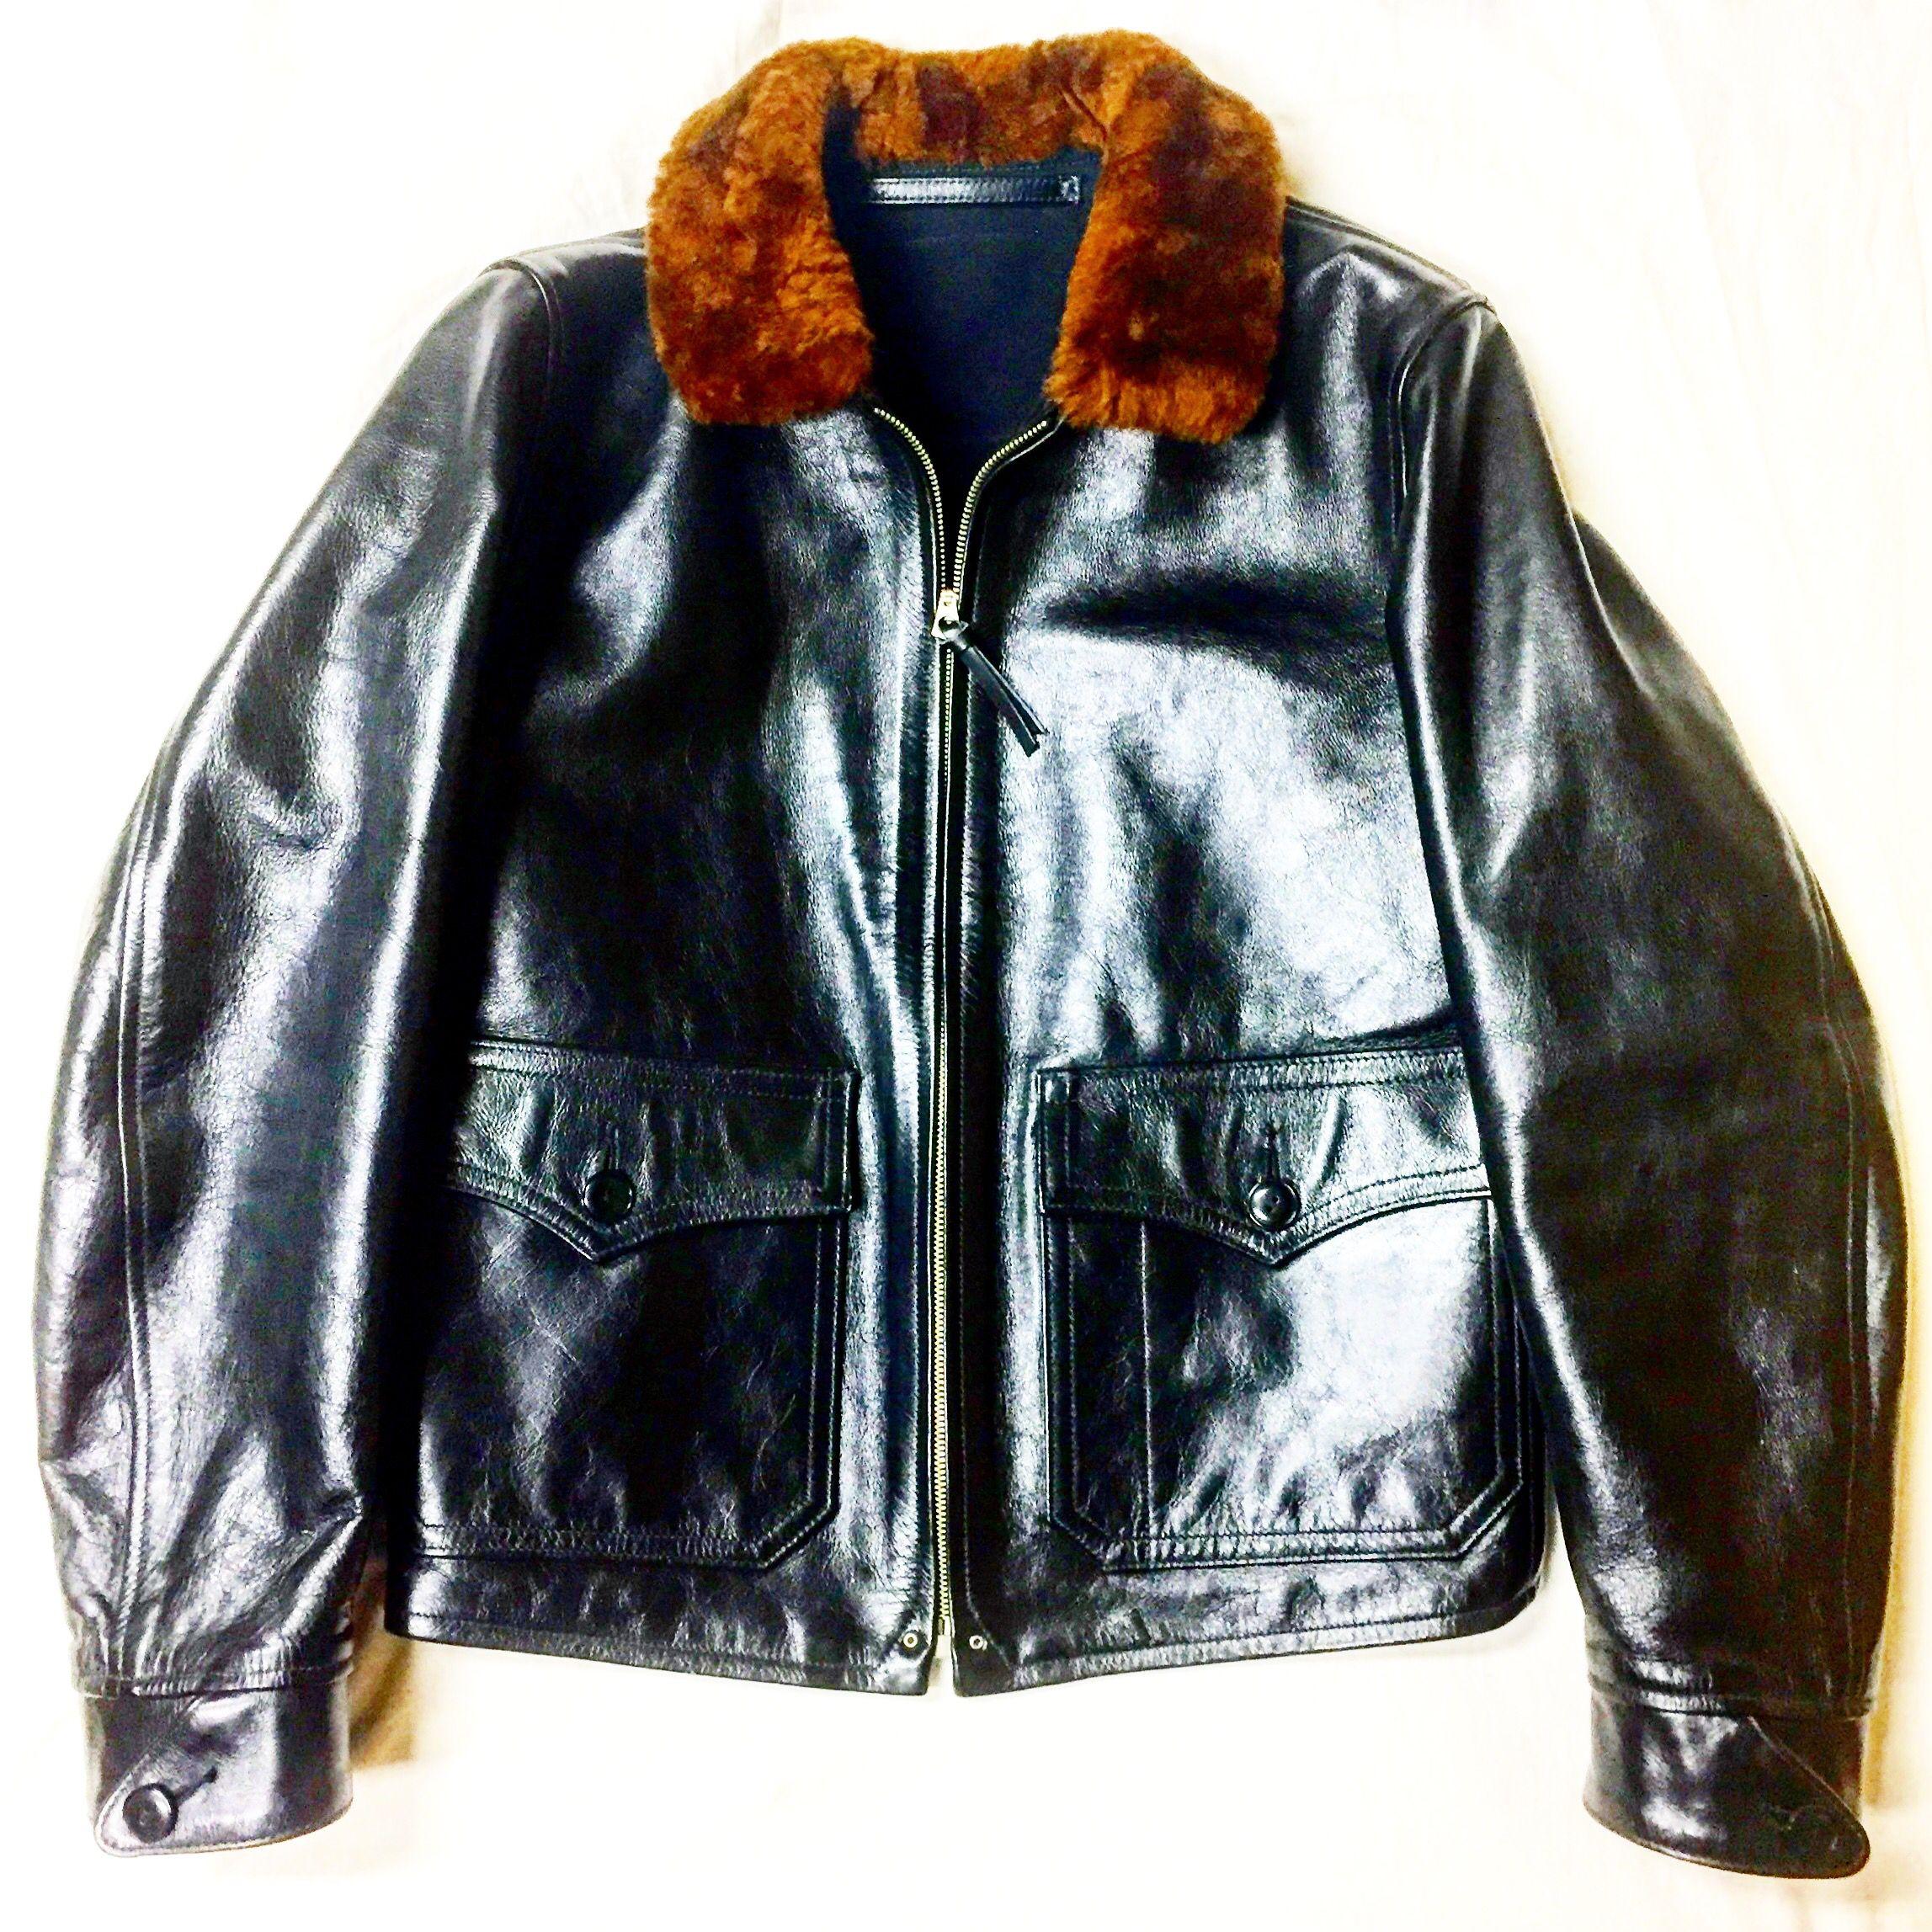 ブートレガース フリーホイーラーズ bootleggers freewheelers   Leather ... ec5a5bd3ede